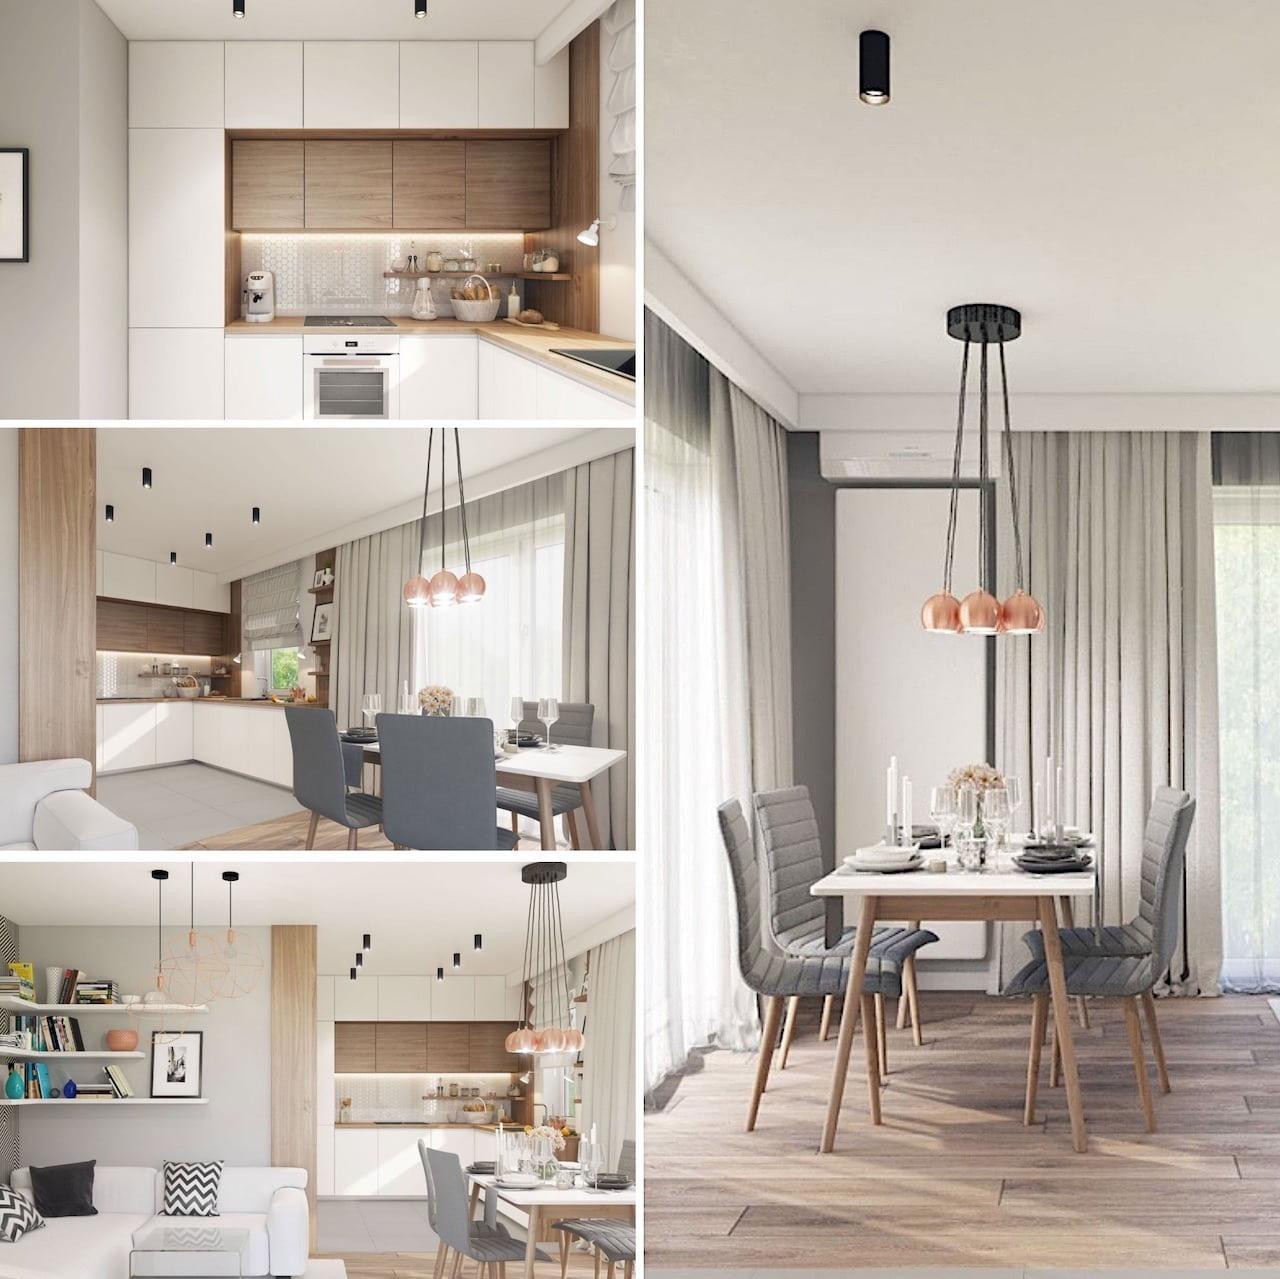 Совмещение цвета и формы создает гармоничный и стильный вид белой кухни с деревянной столешницей